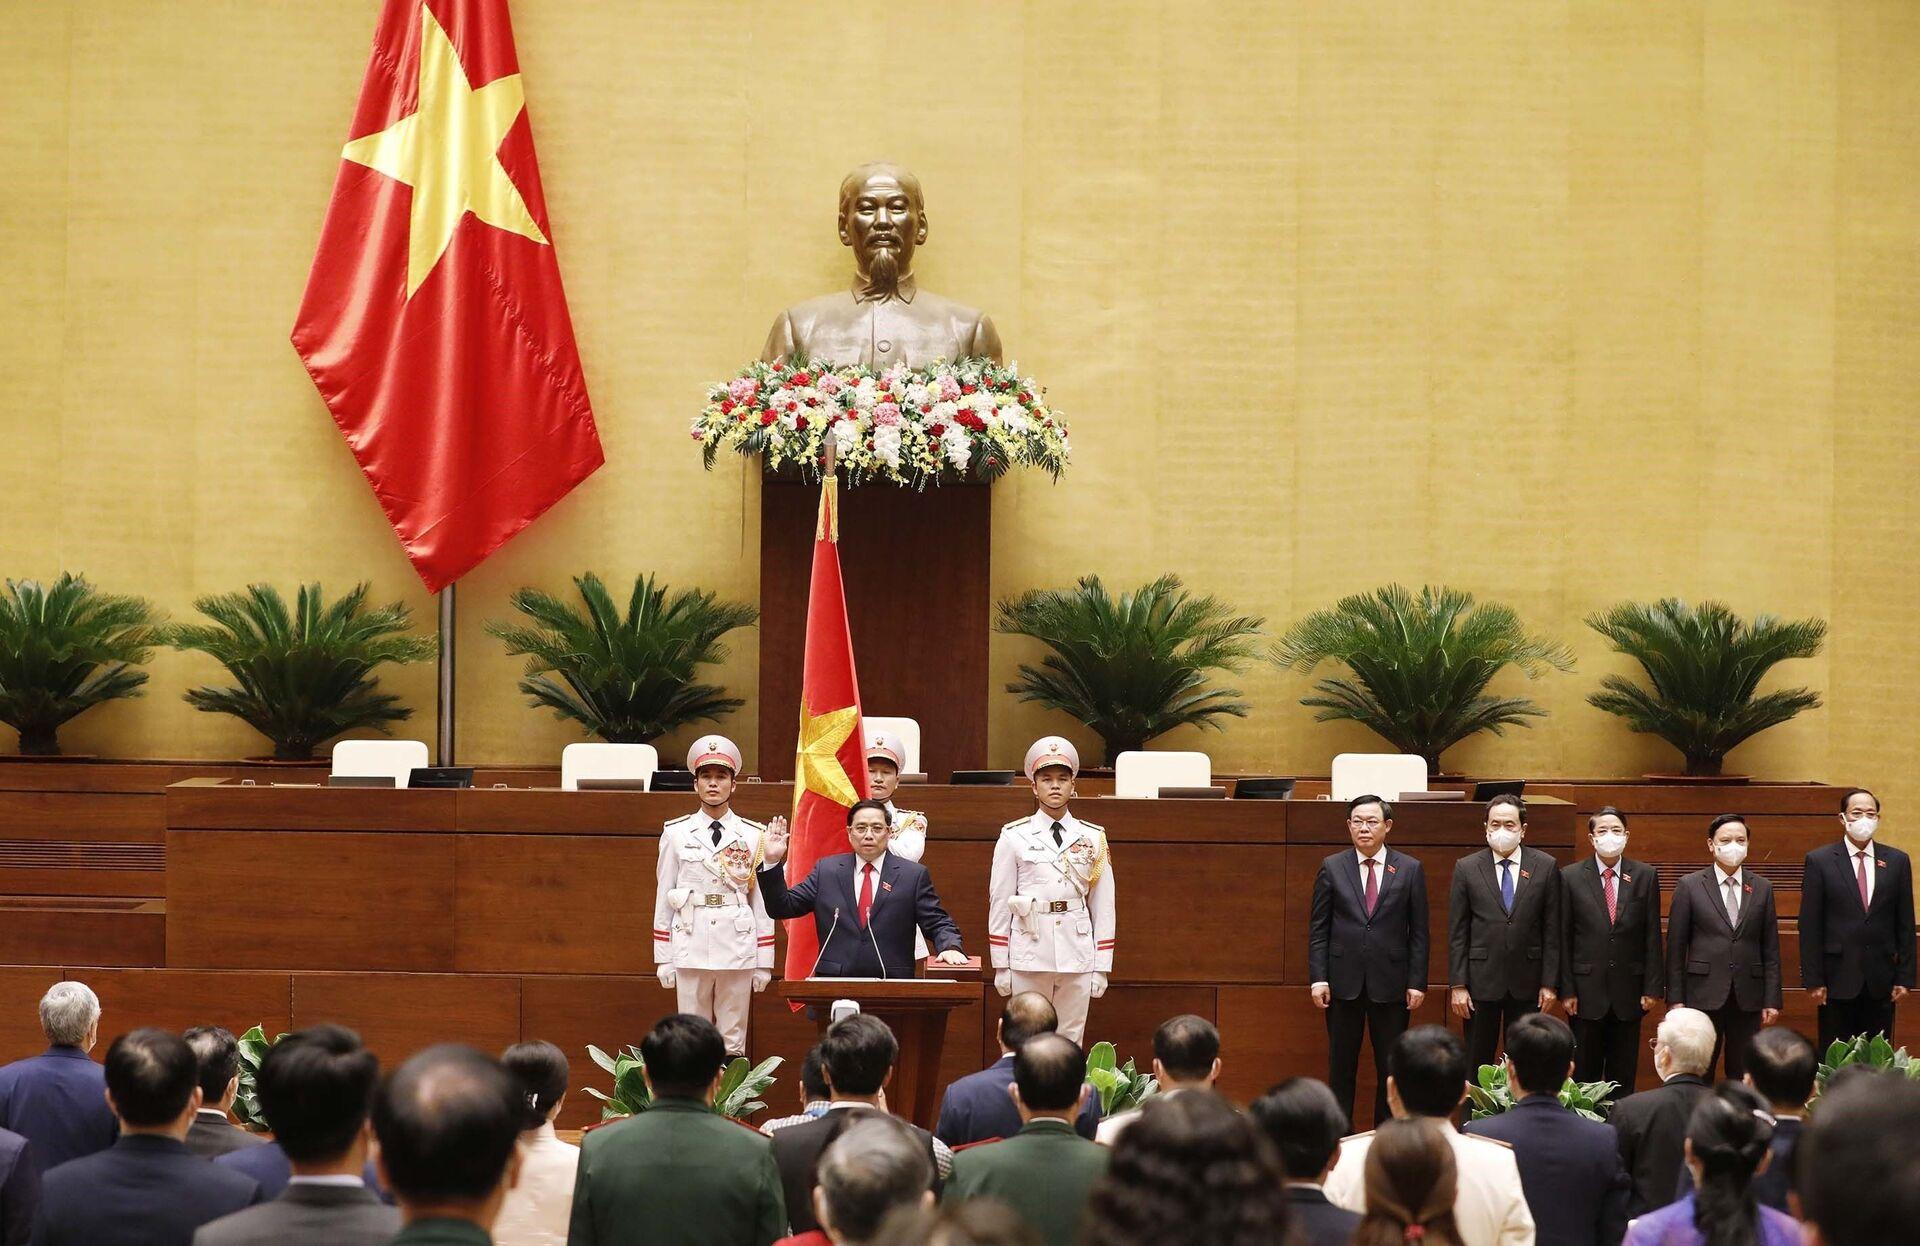 Việt Nam tất thắng và ưu tiên 'số một' của Chính phủ ông Phạm Minh Chính hiện nay - Sputnik Việt Nam, 1920, 26.07.2021